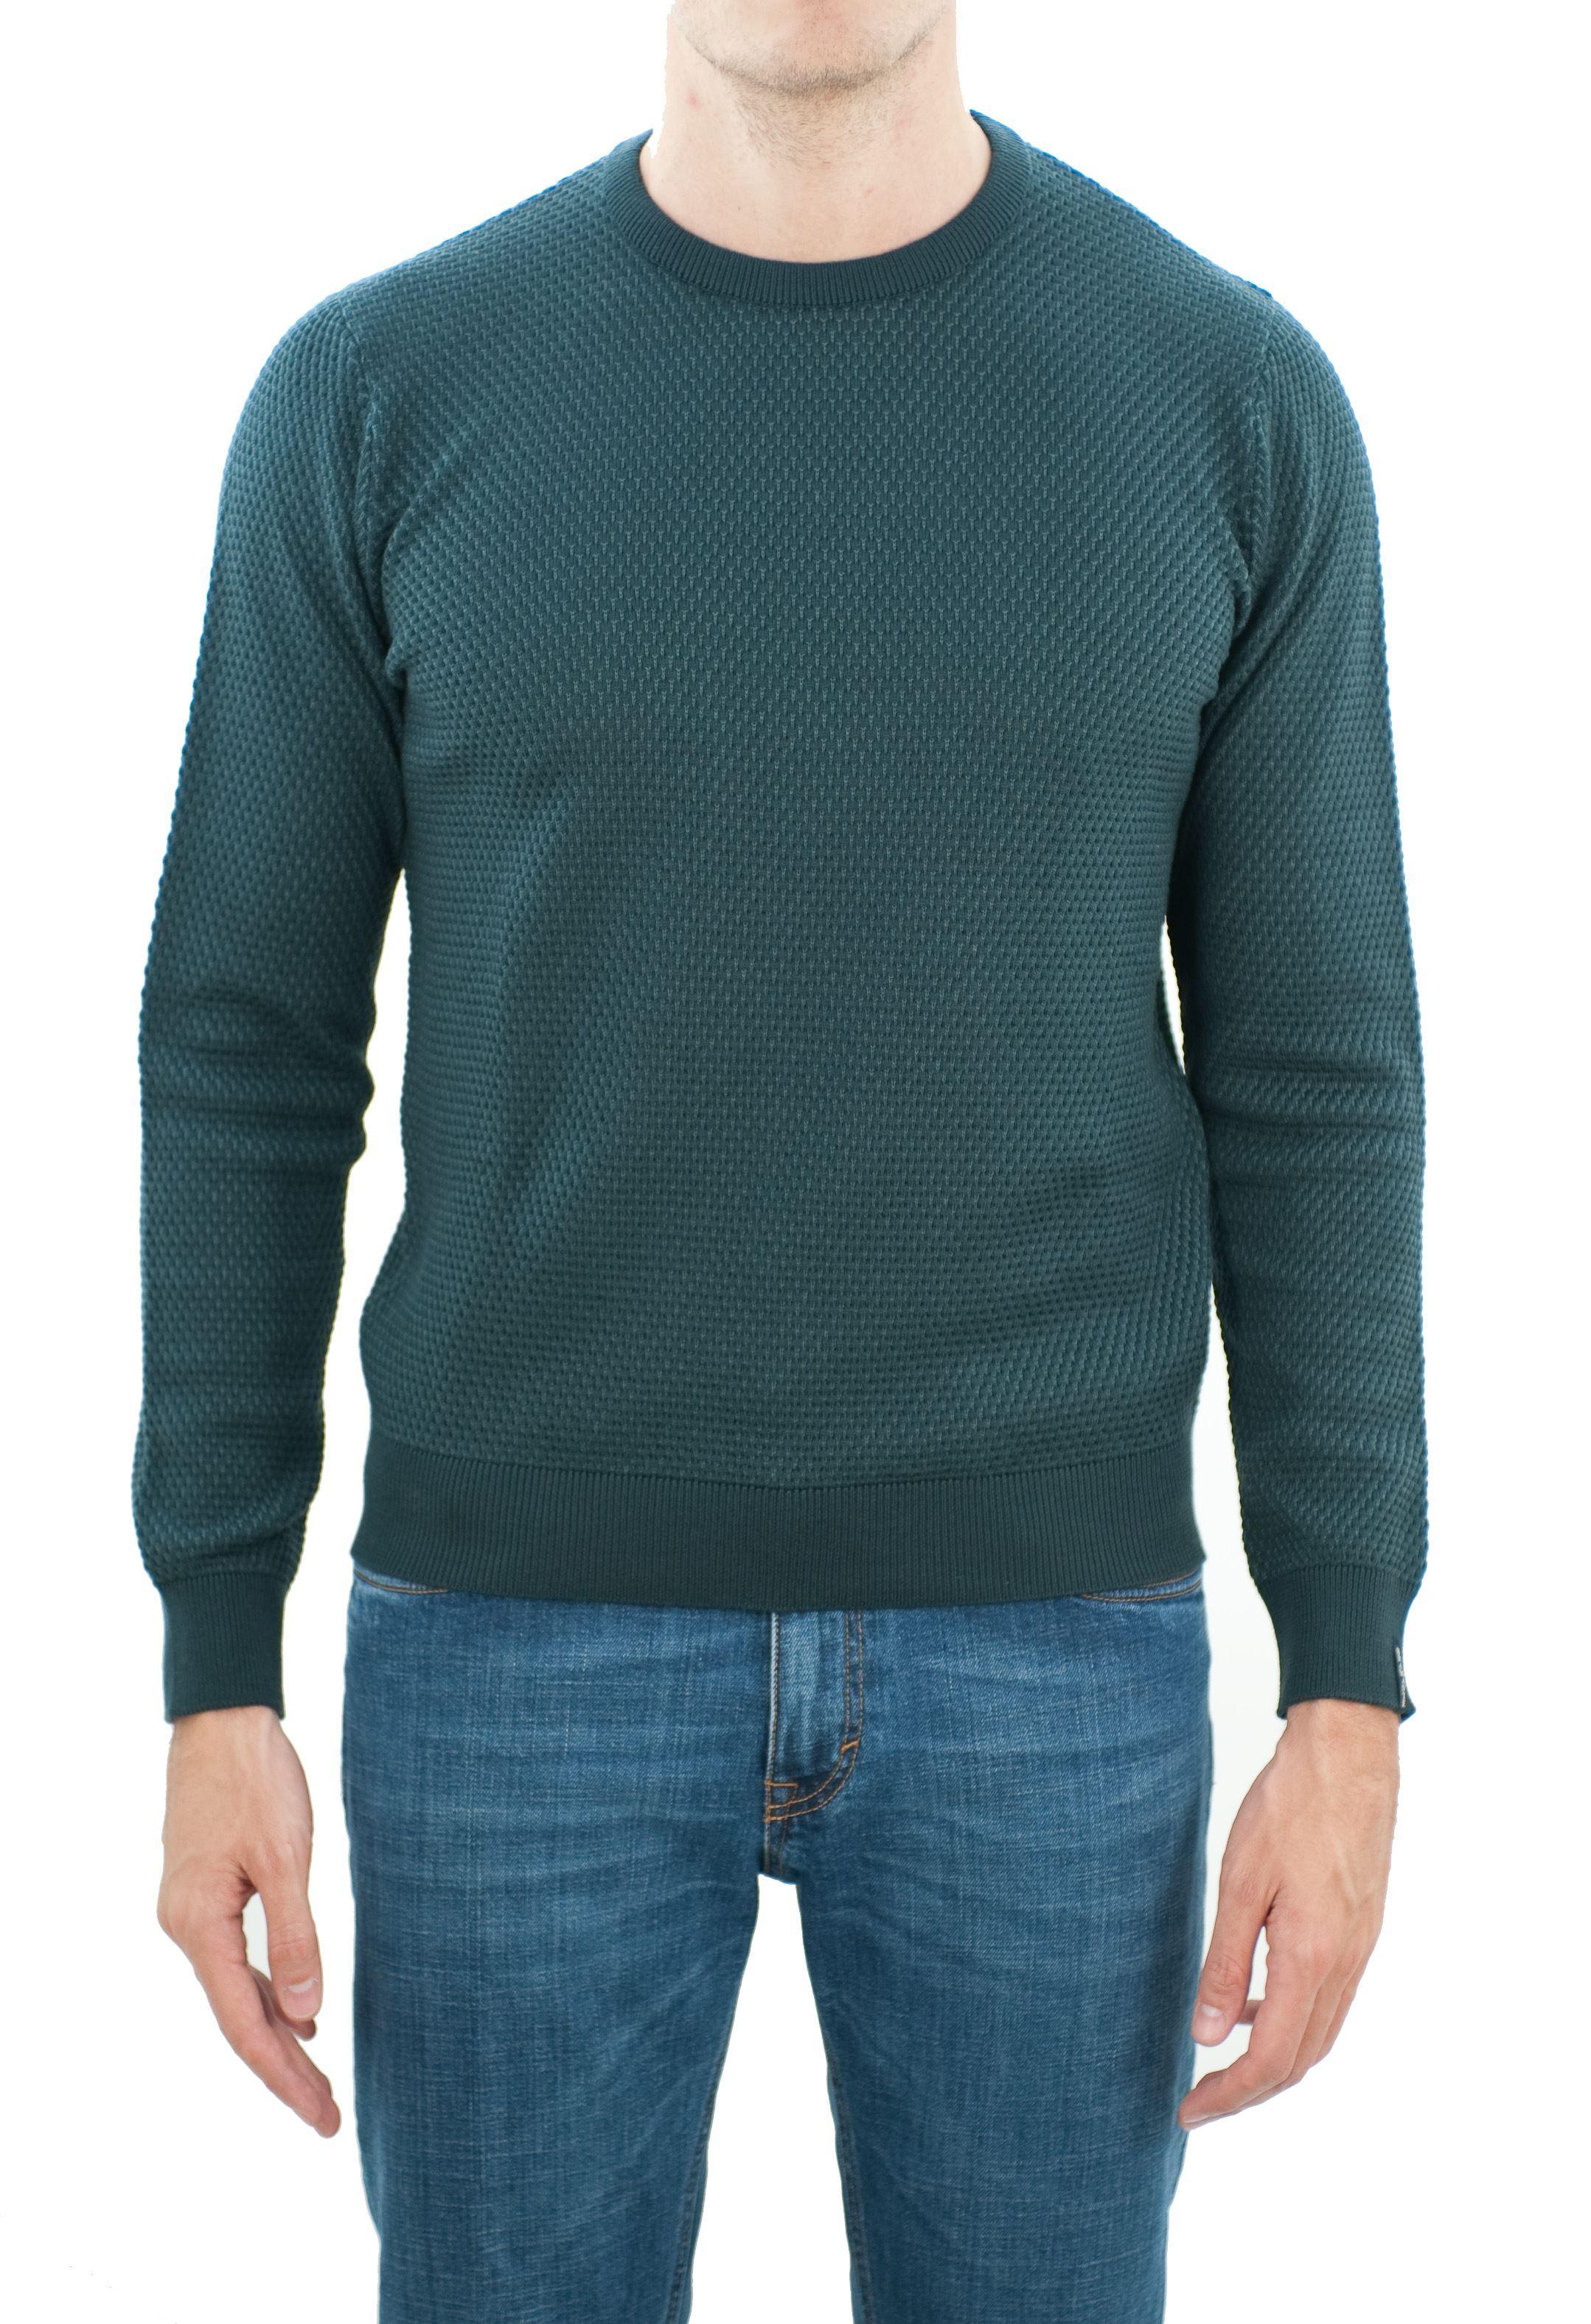 Picture of Crew neck merino wool